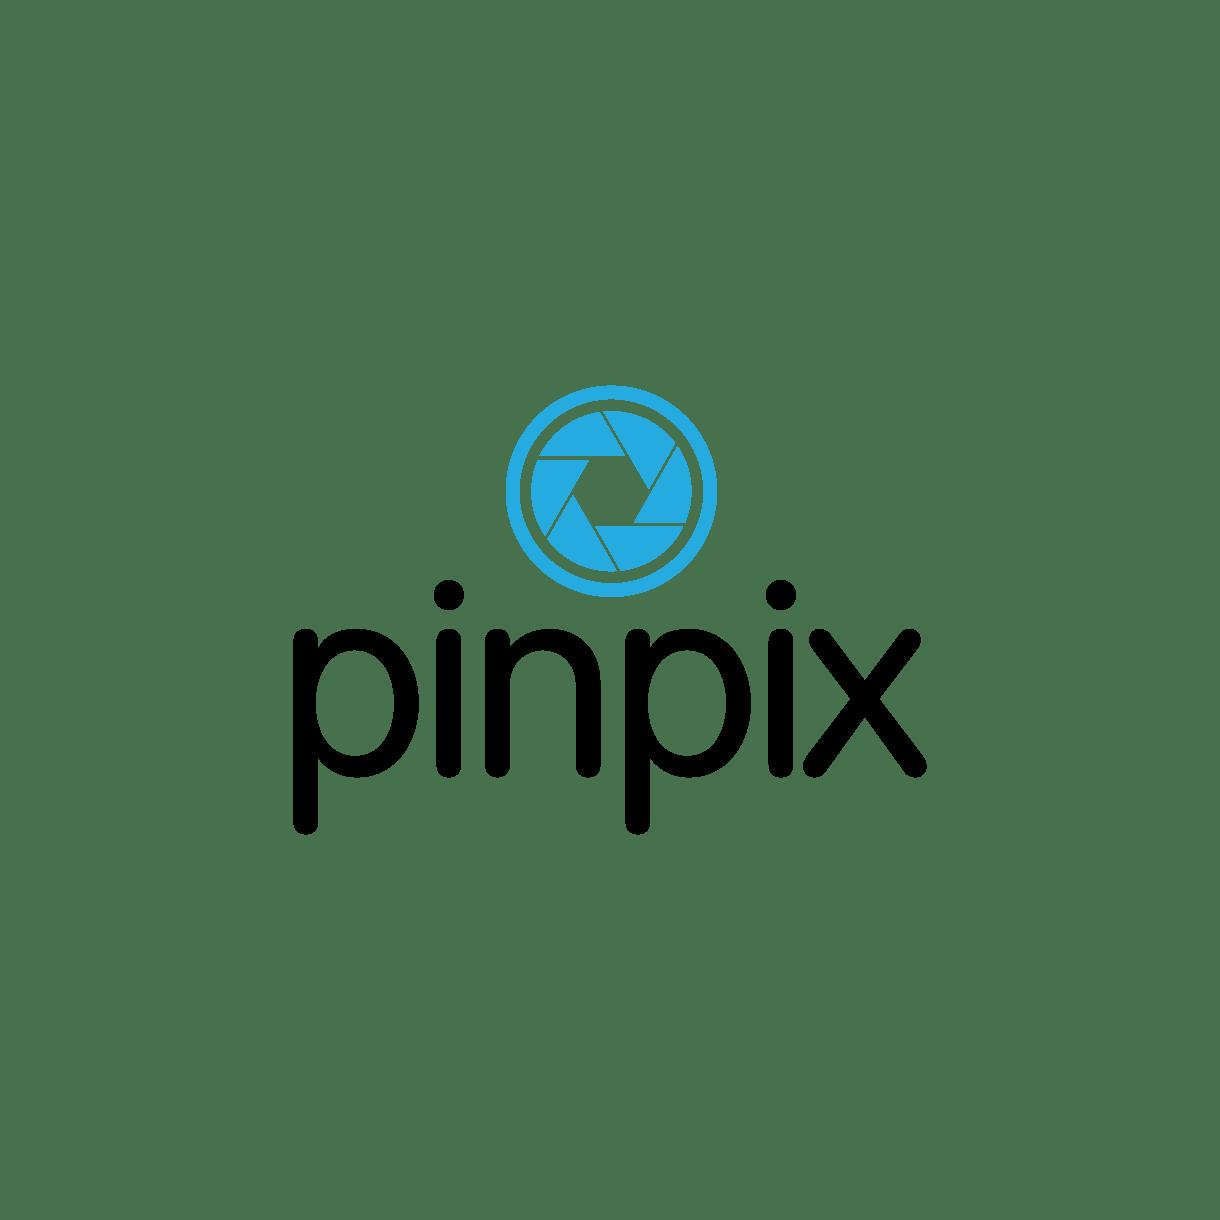 pinpix_logo